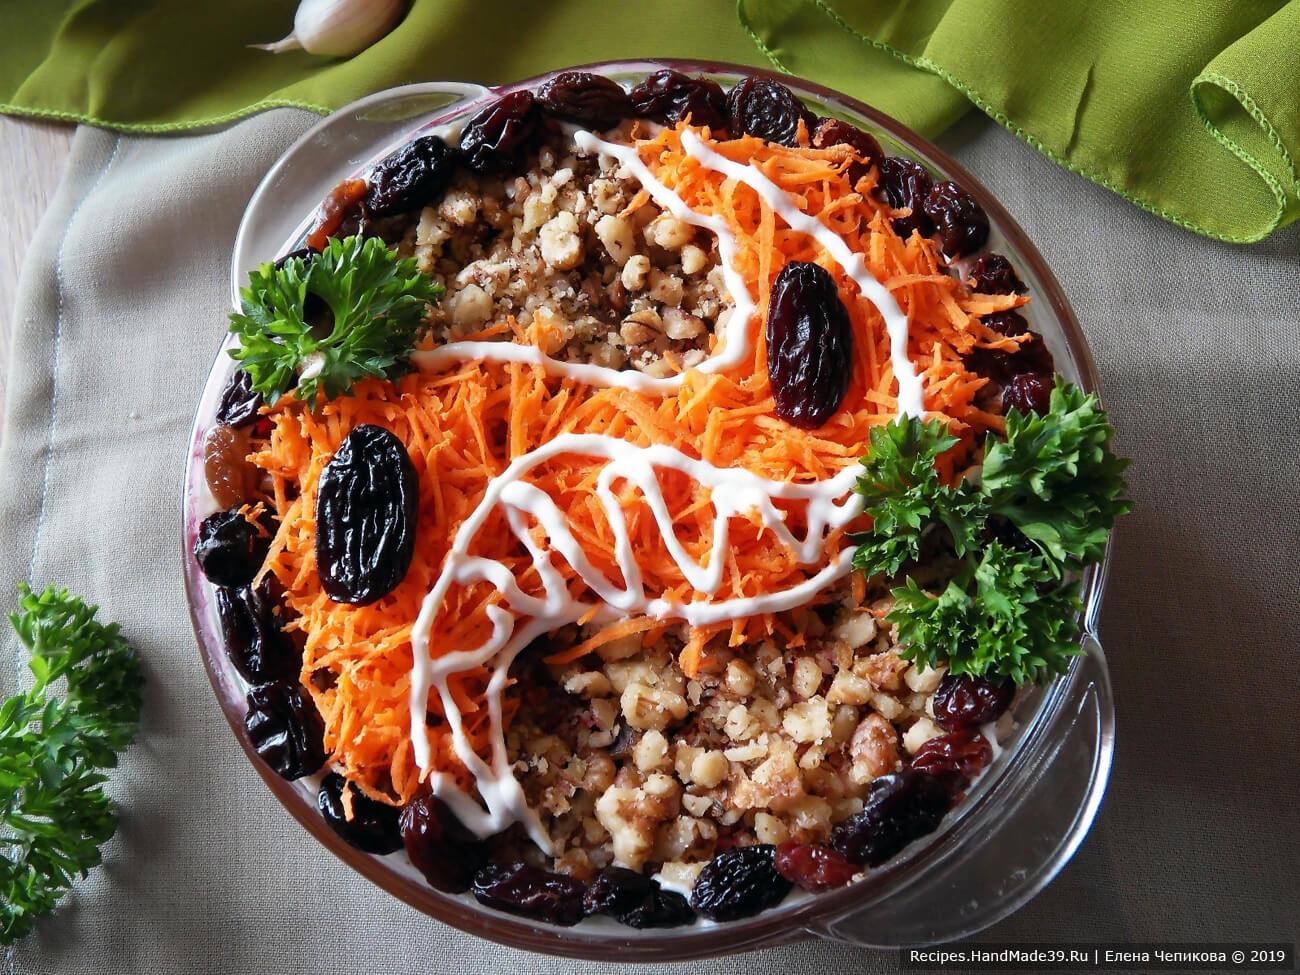 Оформите салат по своему усмотрению. Приятного аппетита!